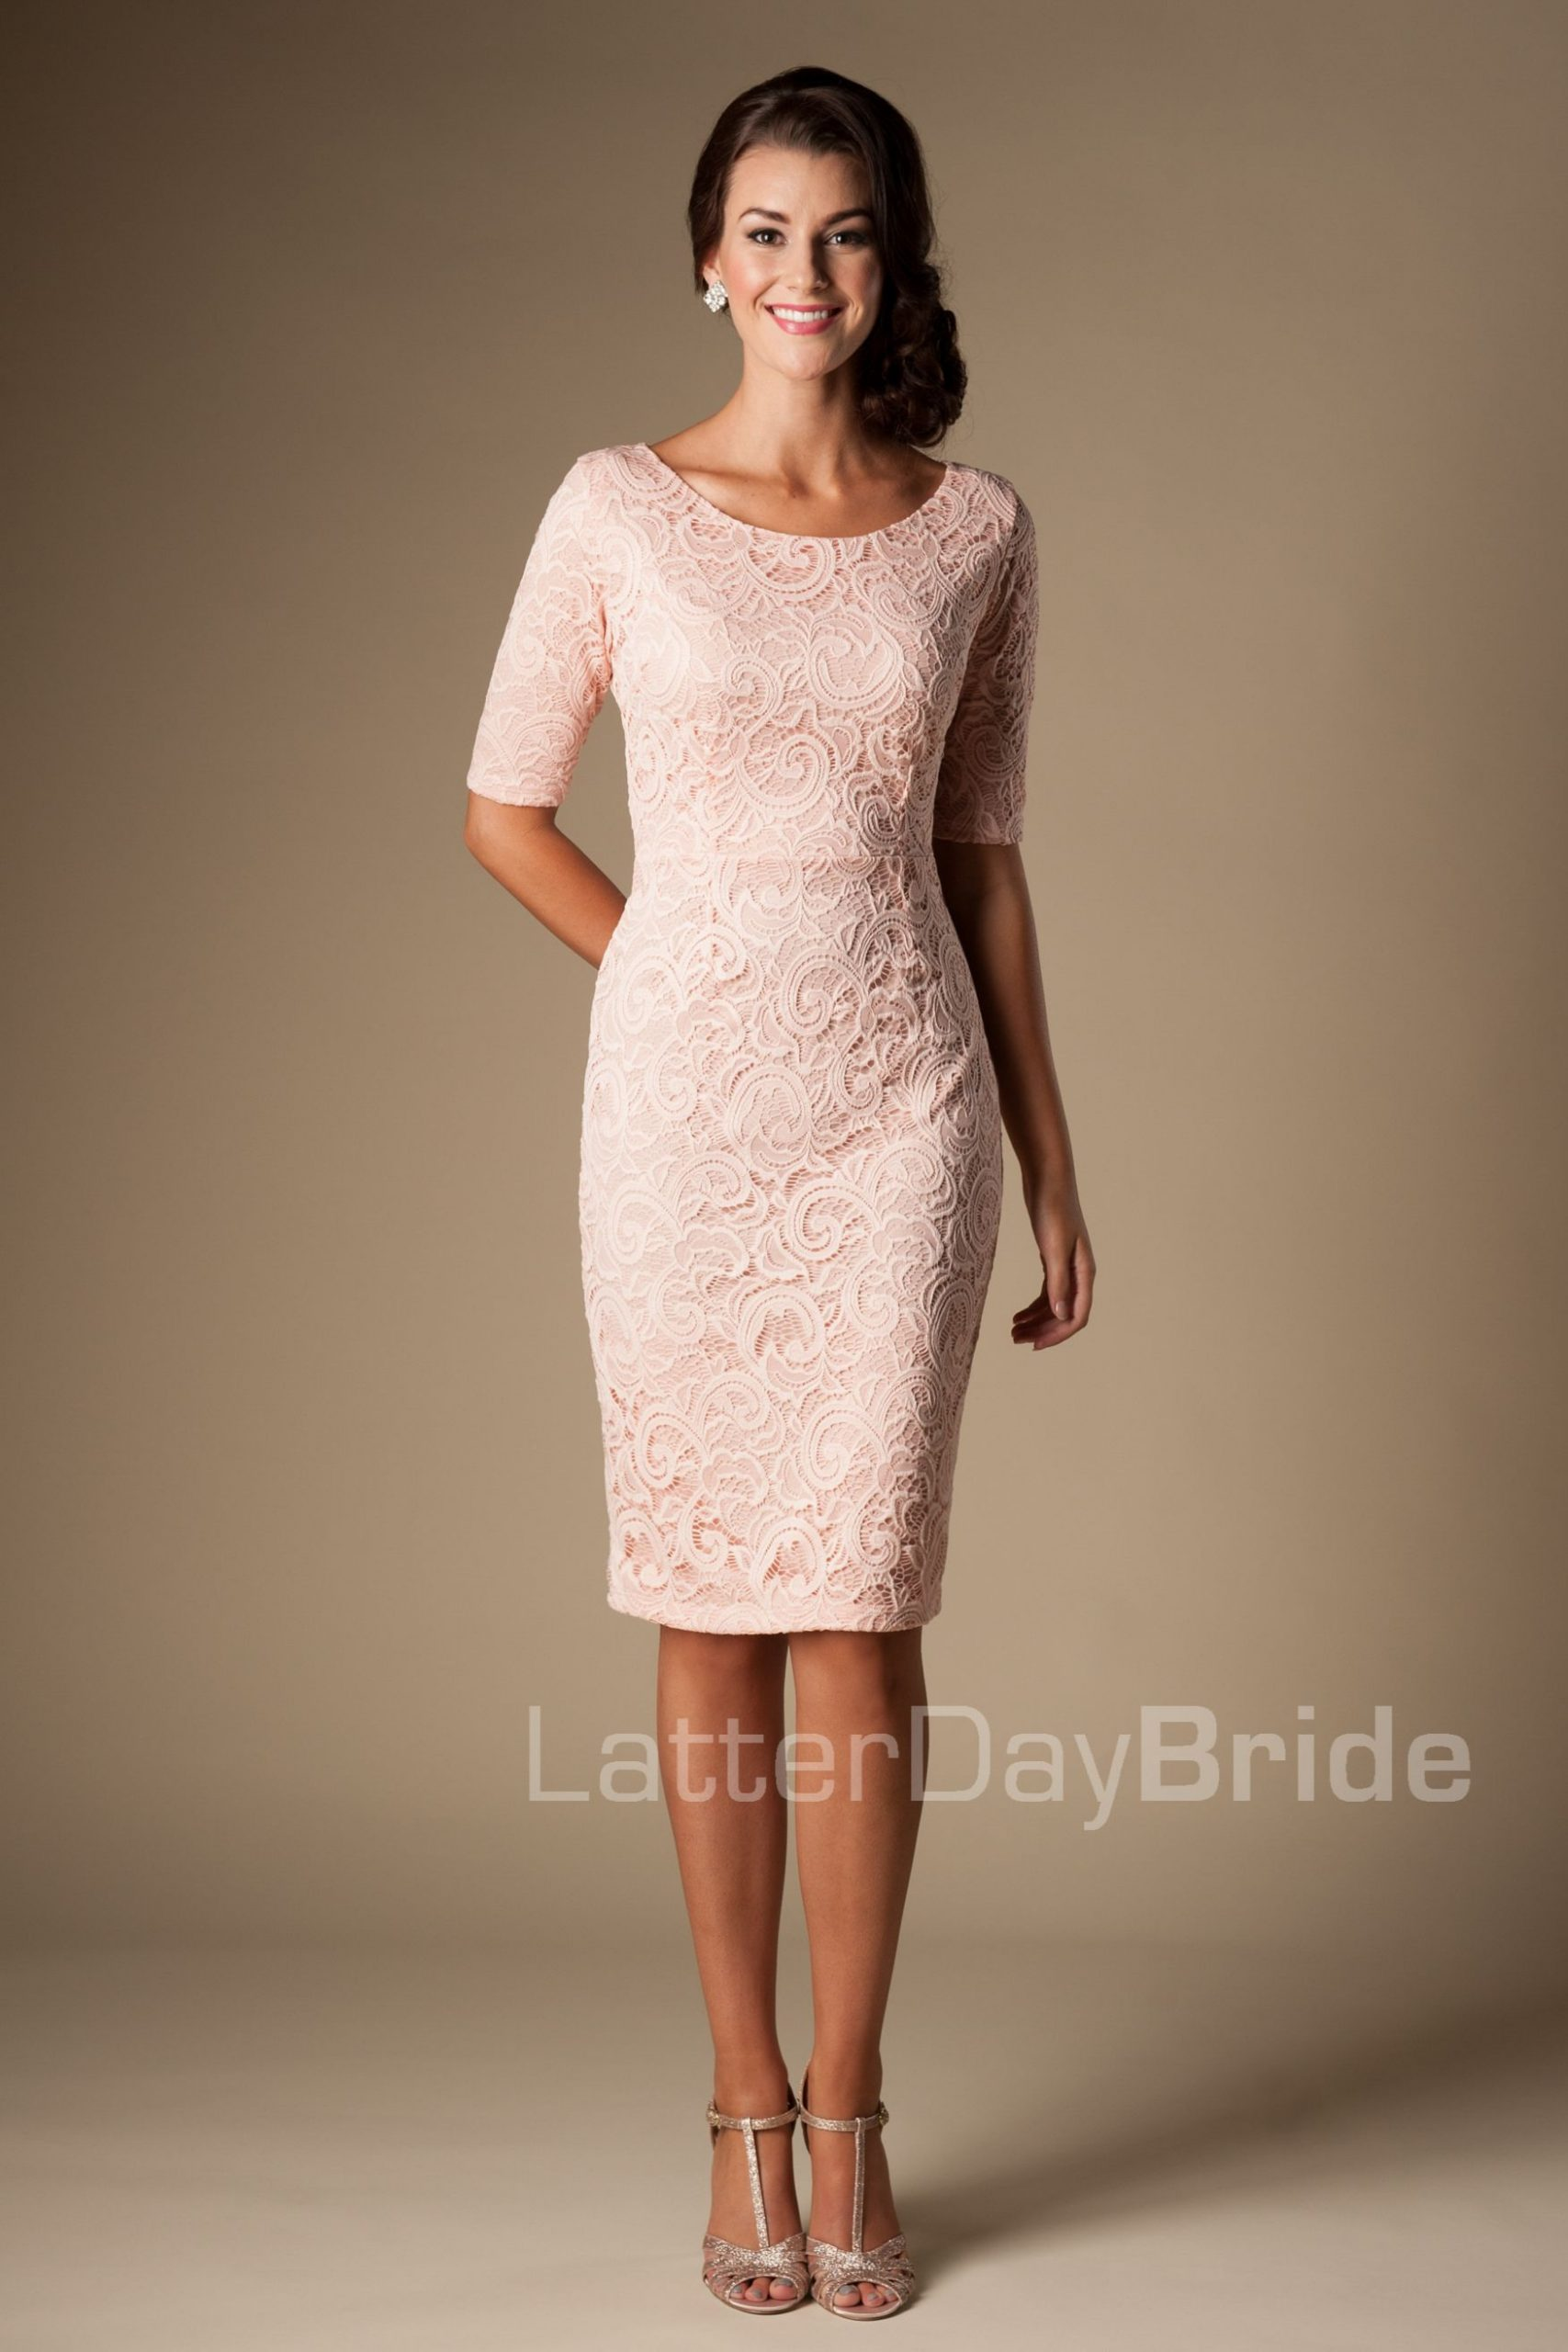 13 Top Edle Kleider Für Hochzeit ÄrmelAbend Einfach Edle Kleider Für Hochzeit Galerie